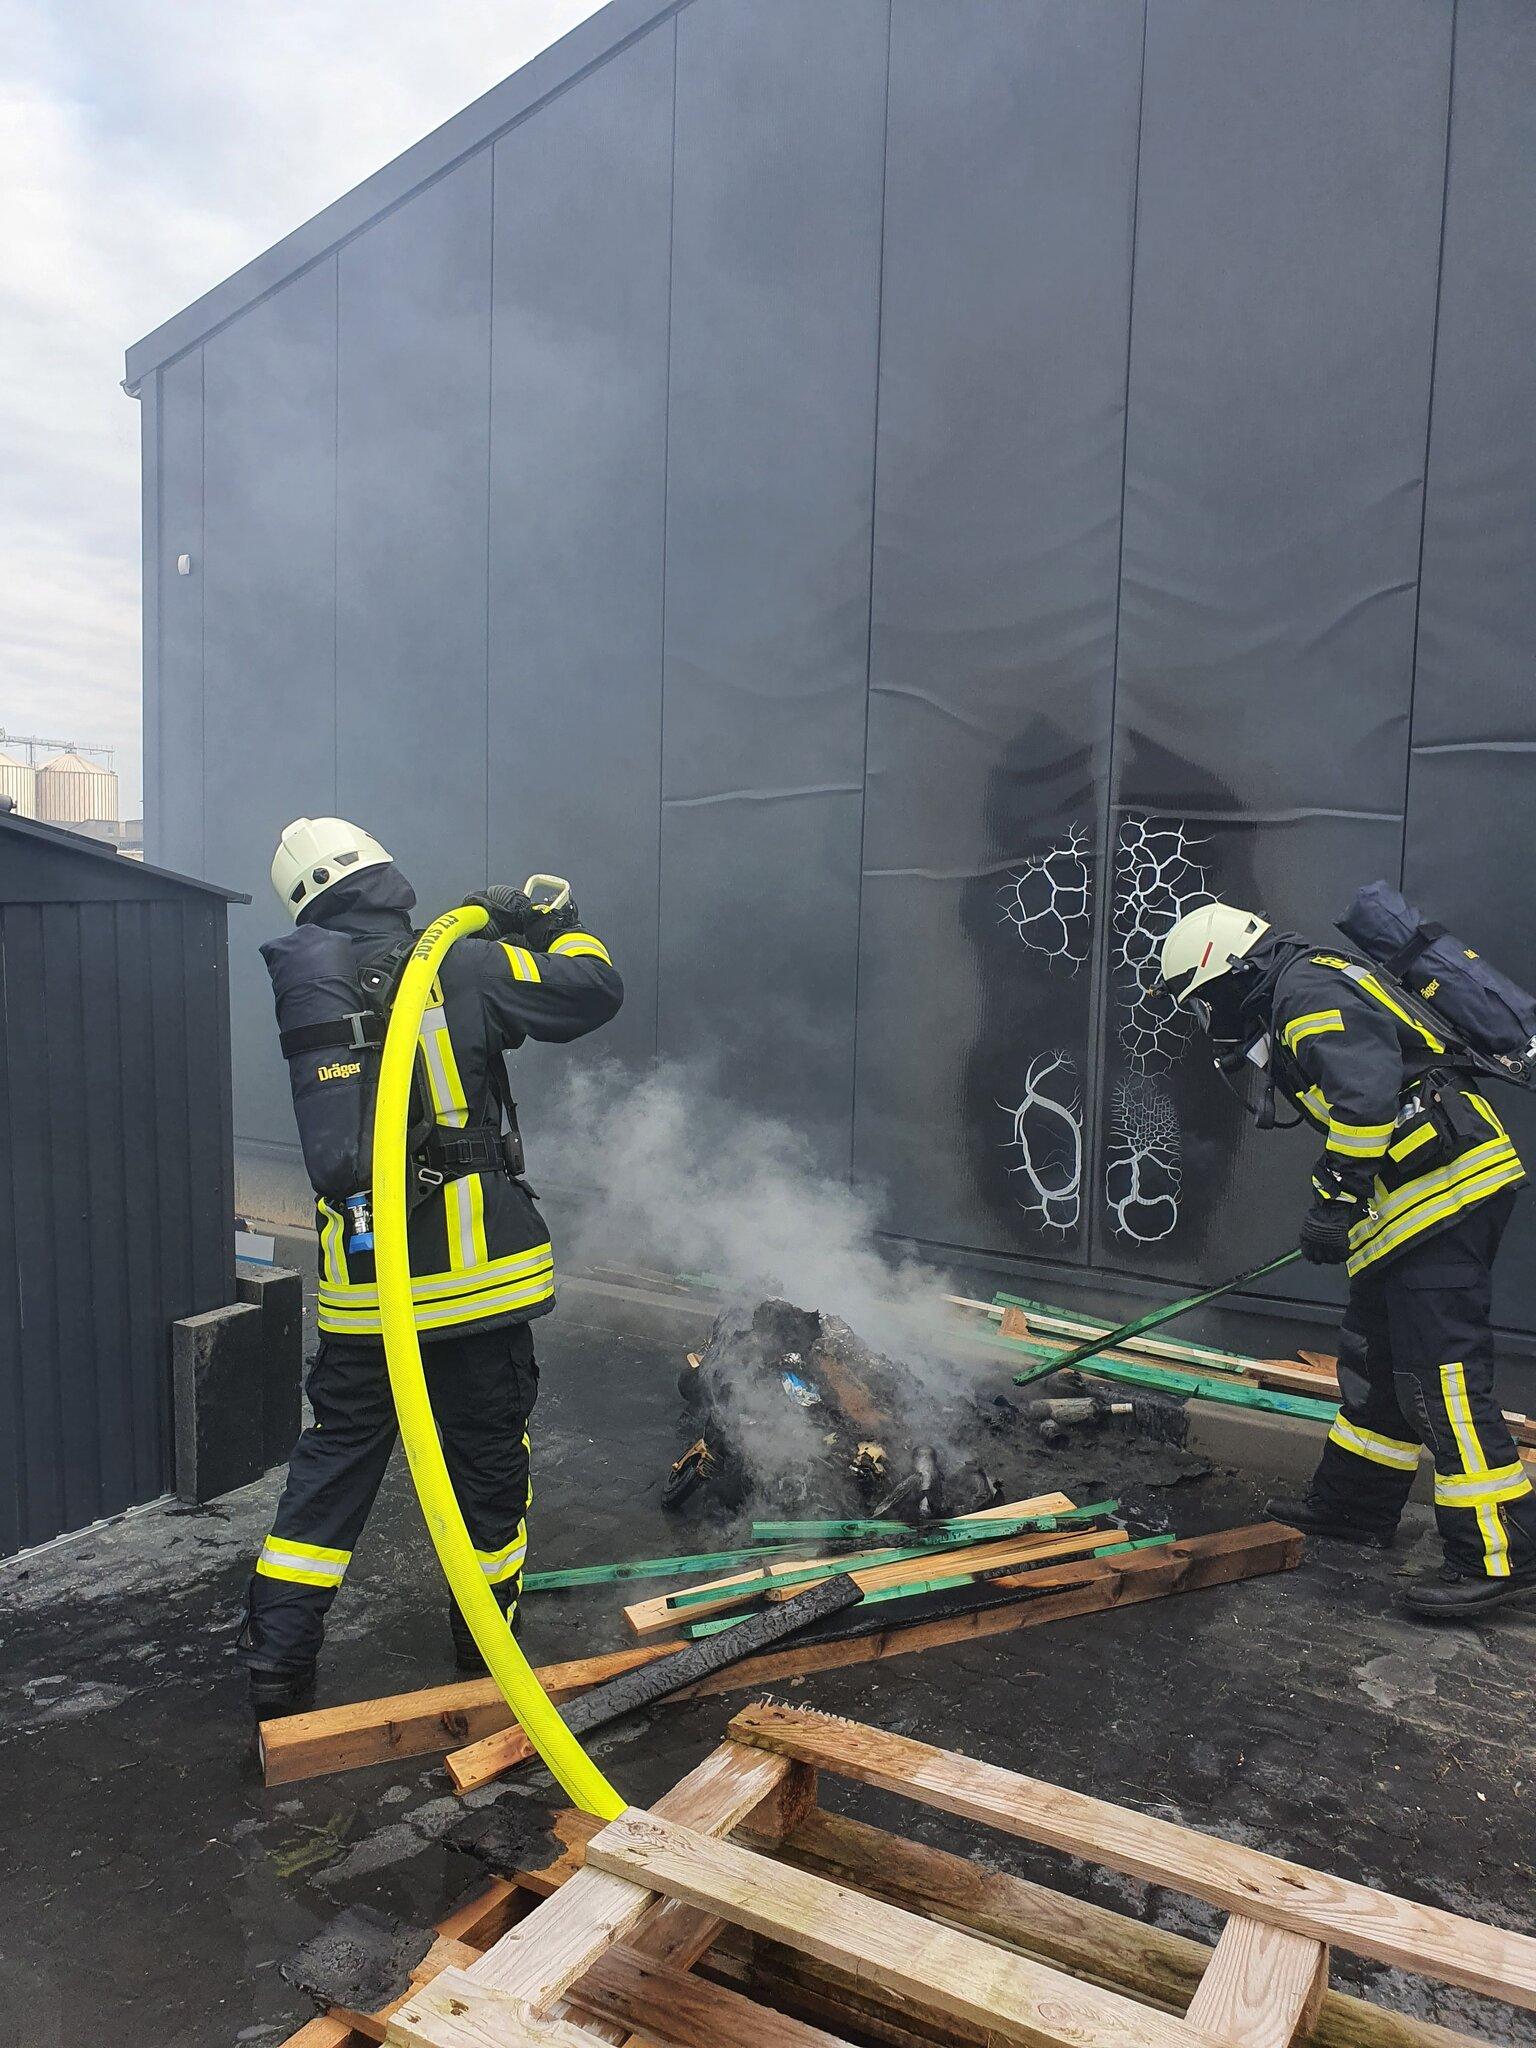 Schneller Feuerwehreinsatz verhindert Großbrand                                                                  Apensen: Müllcontainer neben Lagerhalle brannte